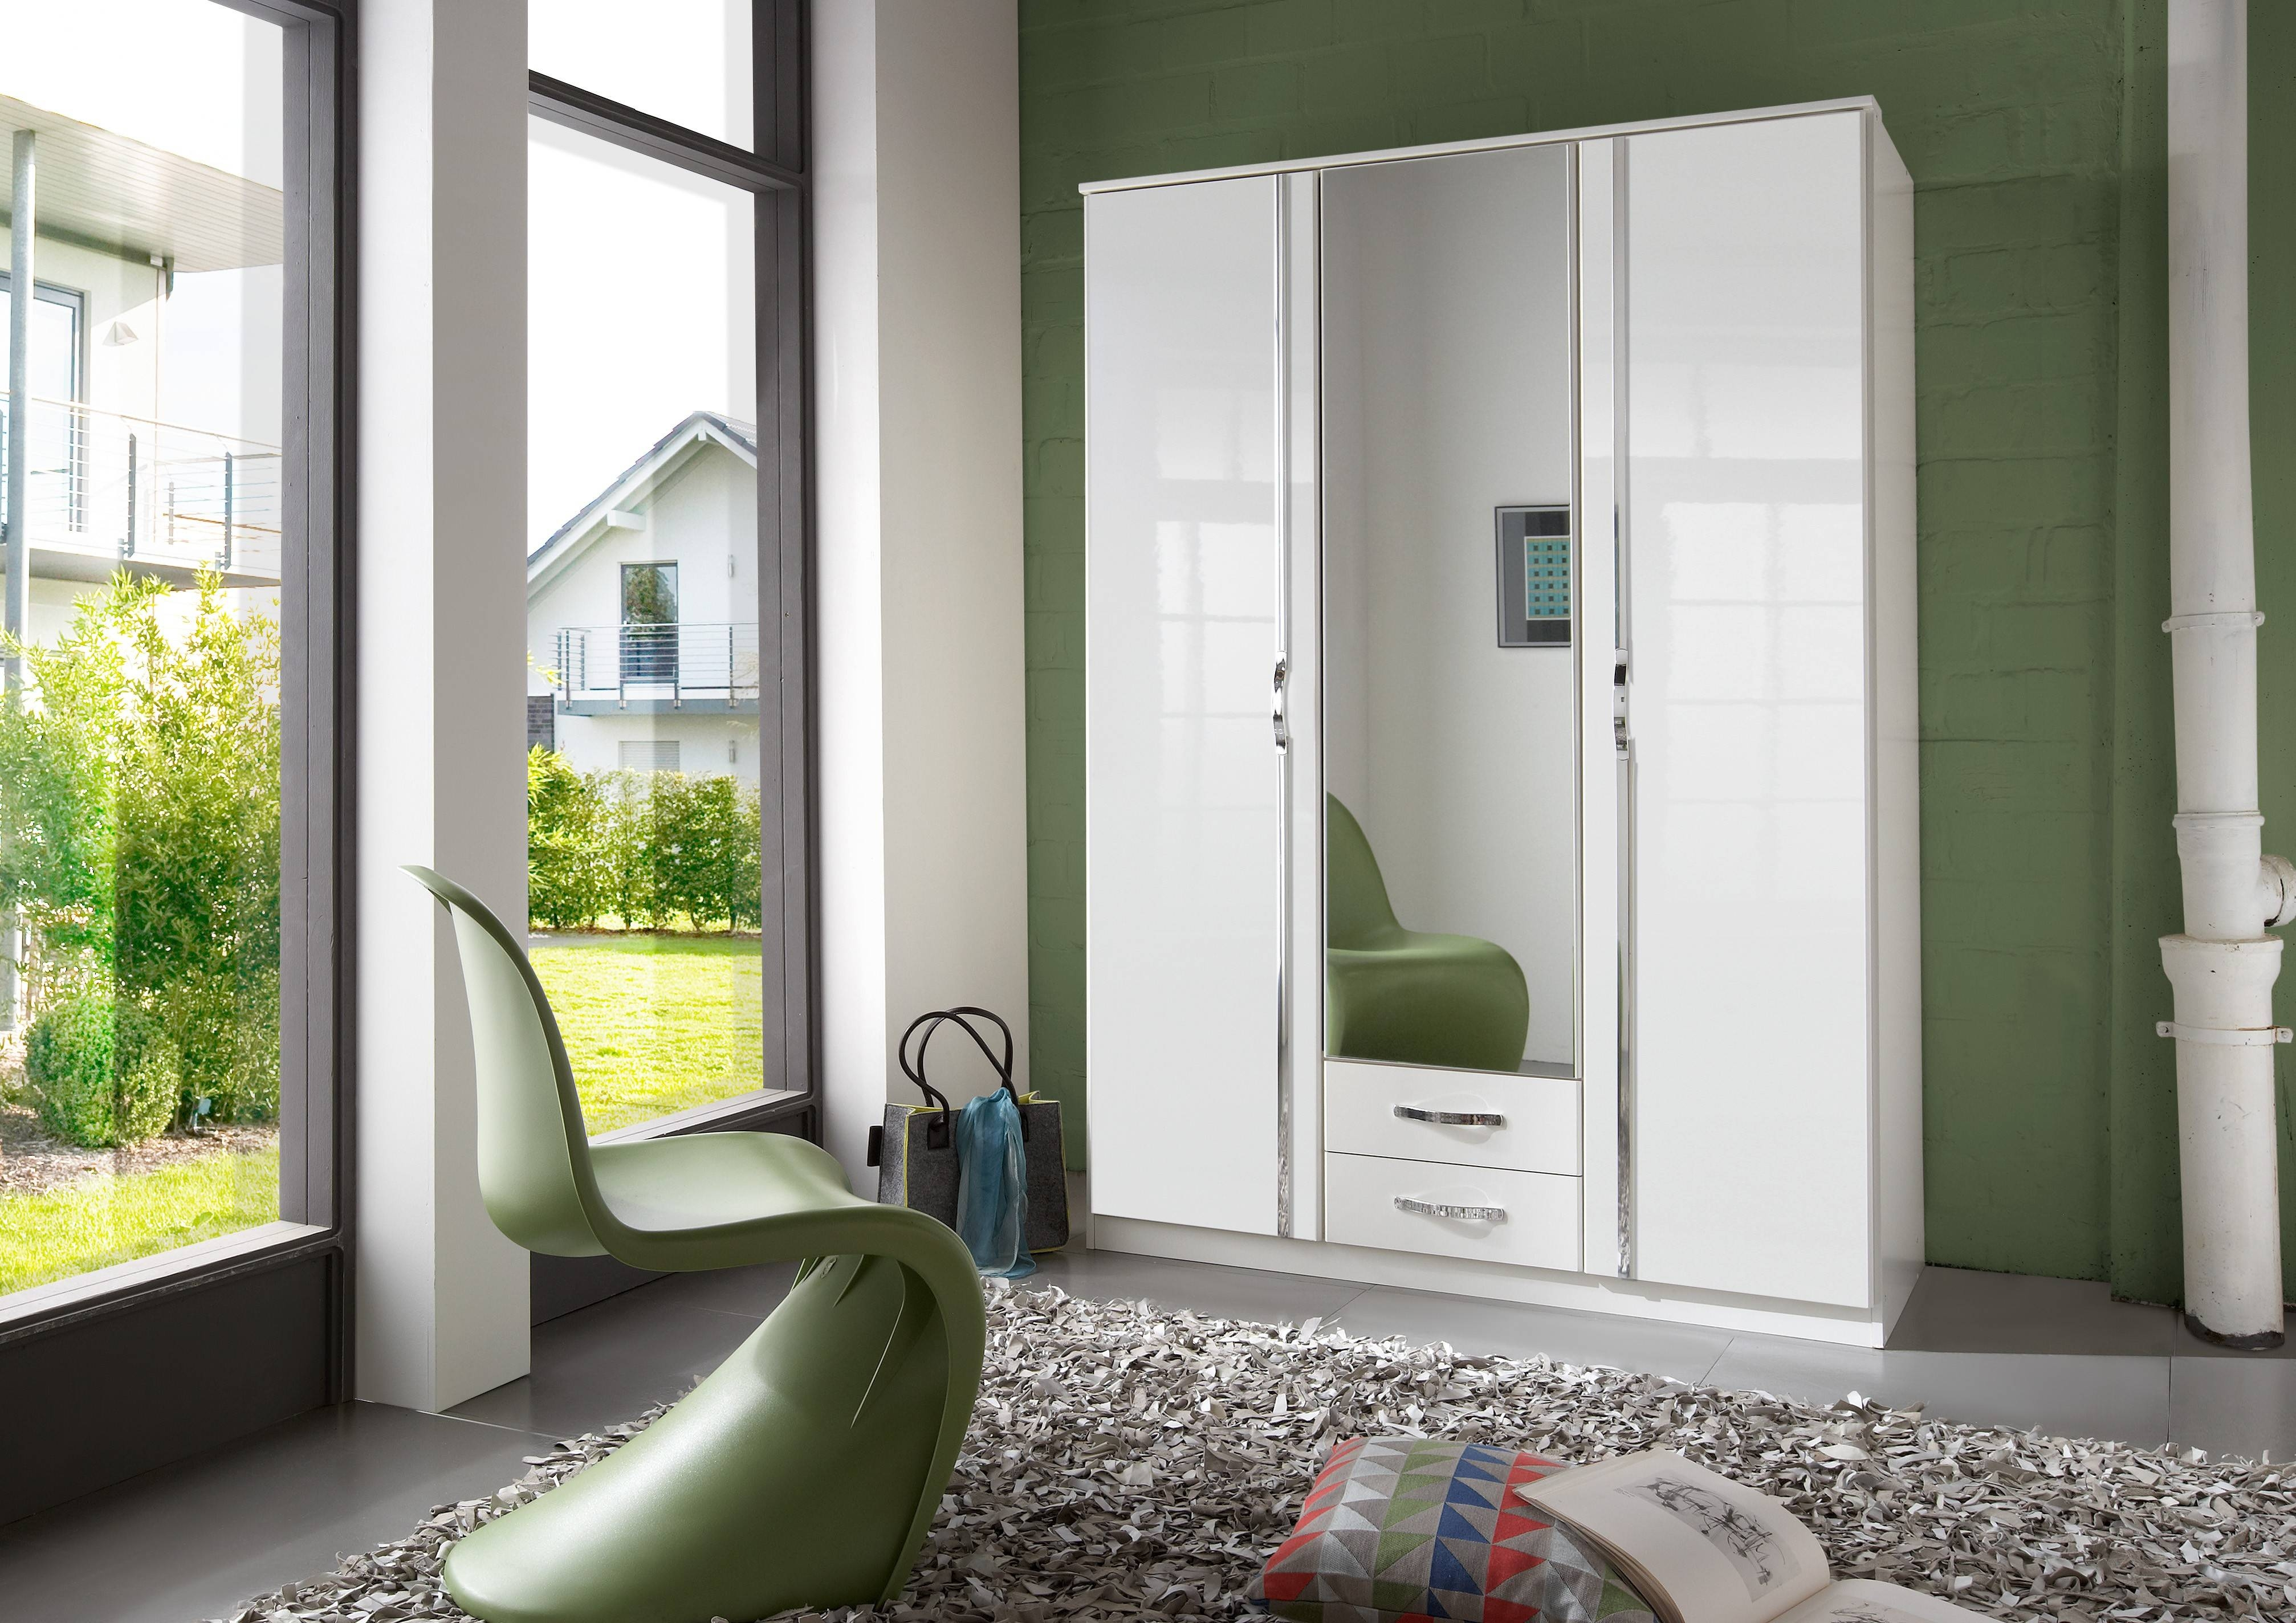 Slumberhaus 'trio' White Gloss, Chrome & Mirror 3 Door 2 Drawer Within 3 Door Mirrored Wardrobes (View 14 of 15)